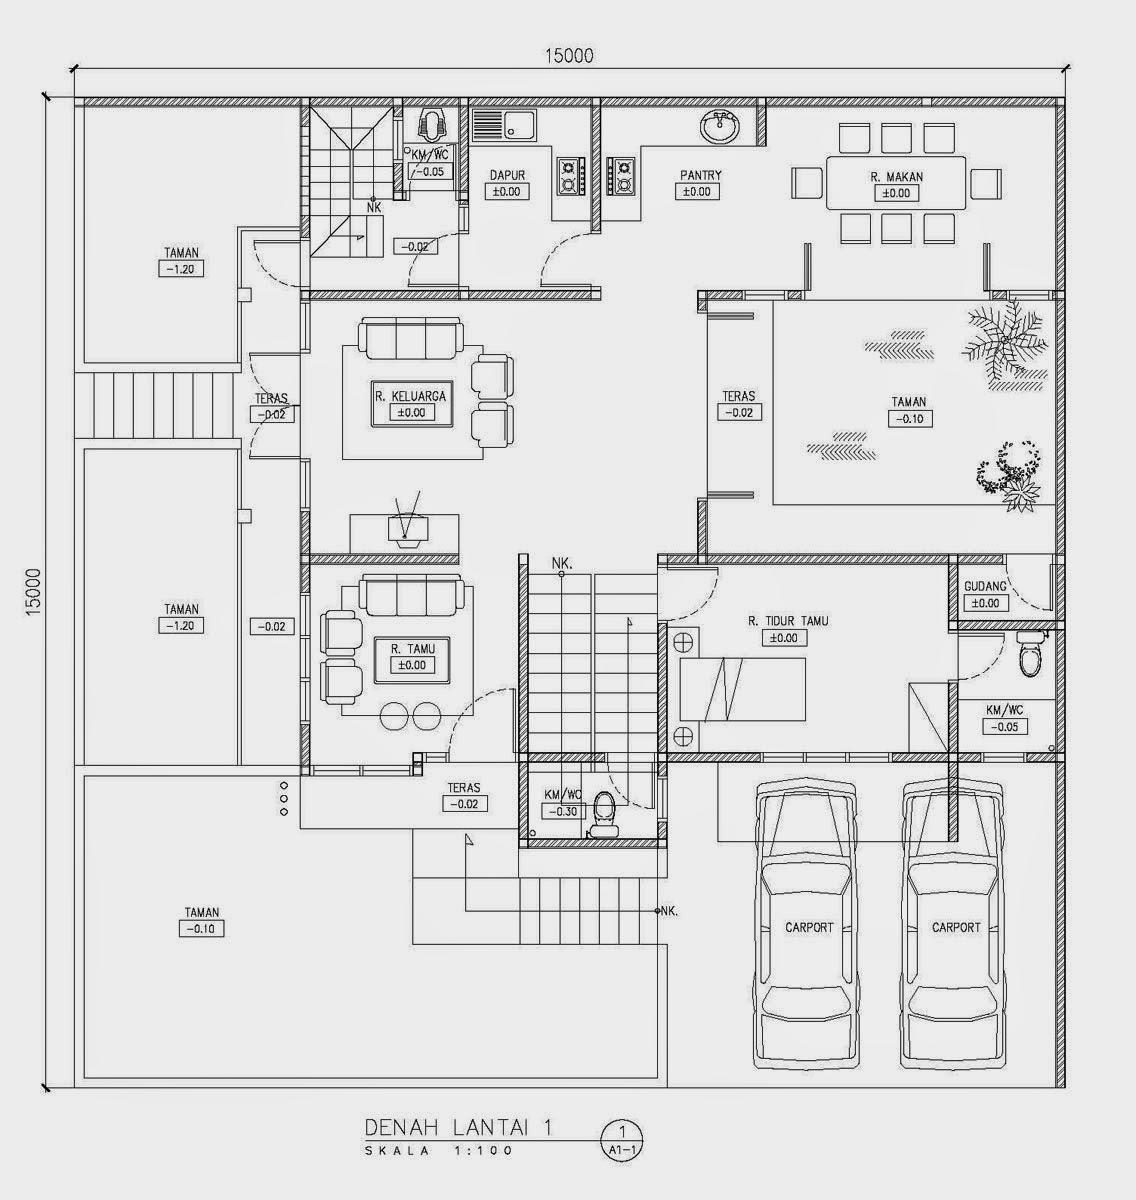 Konsep Jasa Desain Grafis: Desain Rumah Sudut